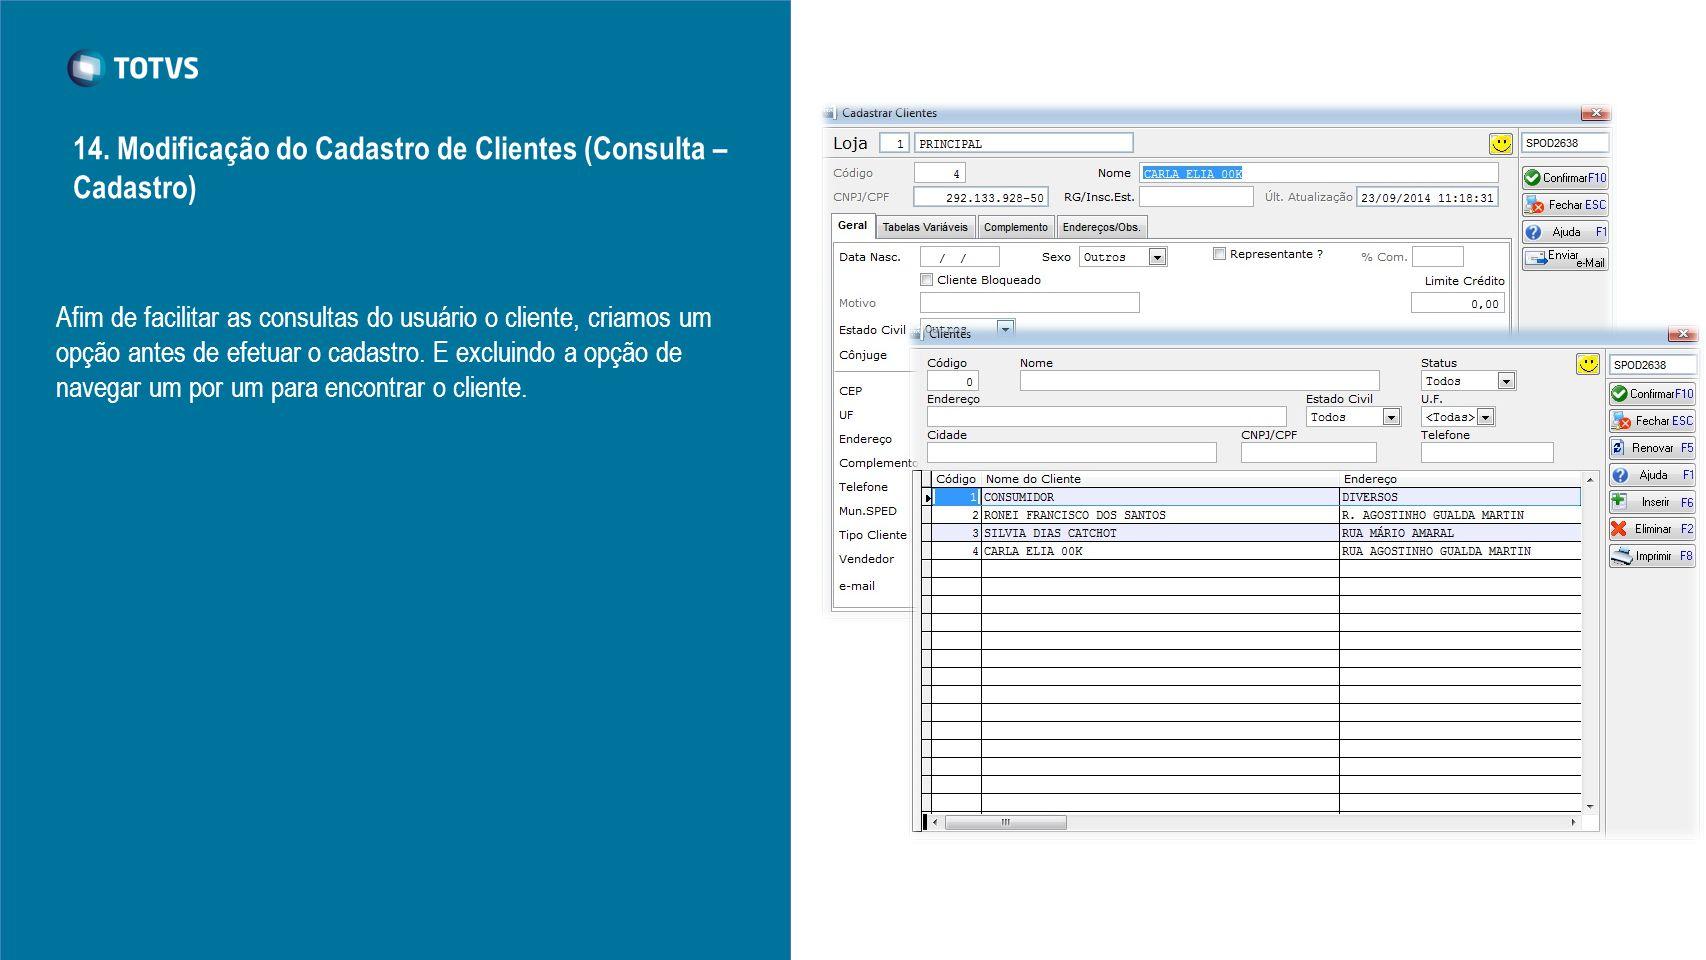 Afim de facilitar as consultas do usuário o cliente, criamos um opção antes de efetuar o cadastro. E excluindo a opção de navegar um por um para encon